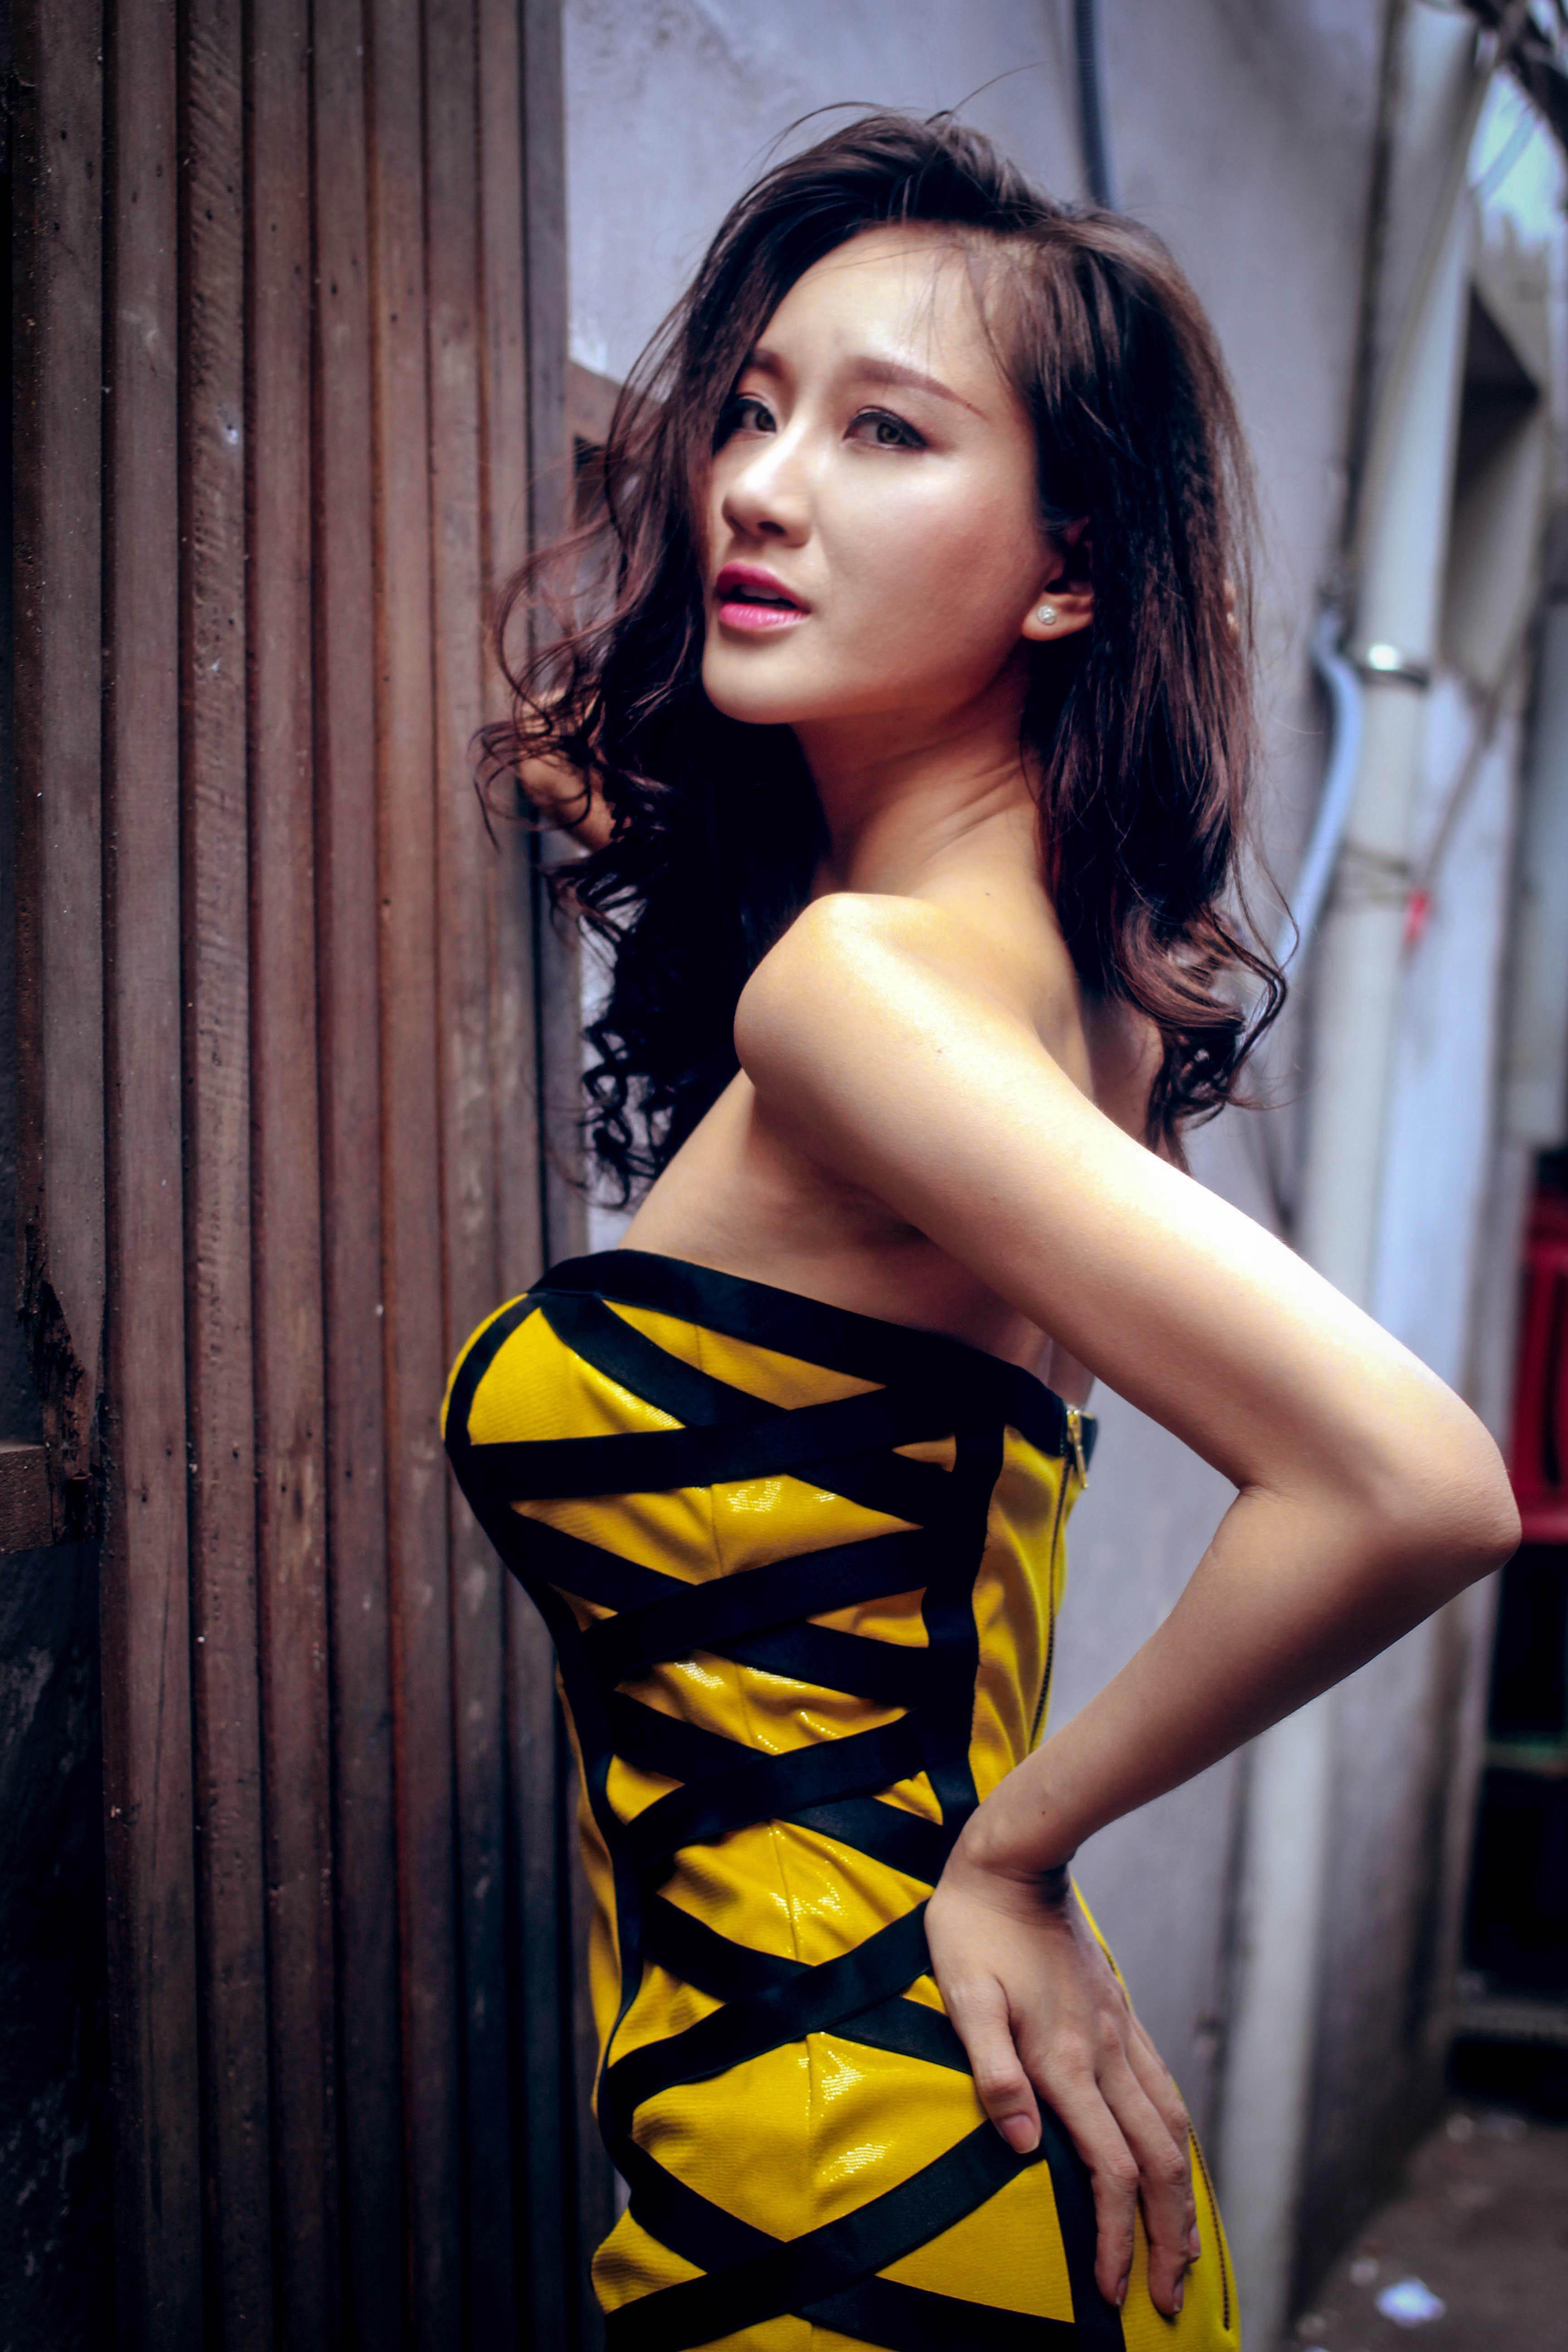 Bạn gái diễn viên Thái Chí Hùng quyến rũ đón thu - Ảnh 3